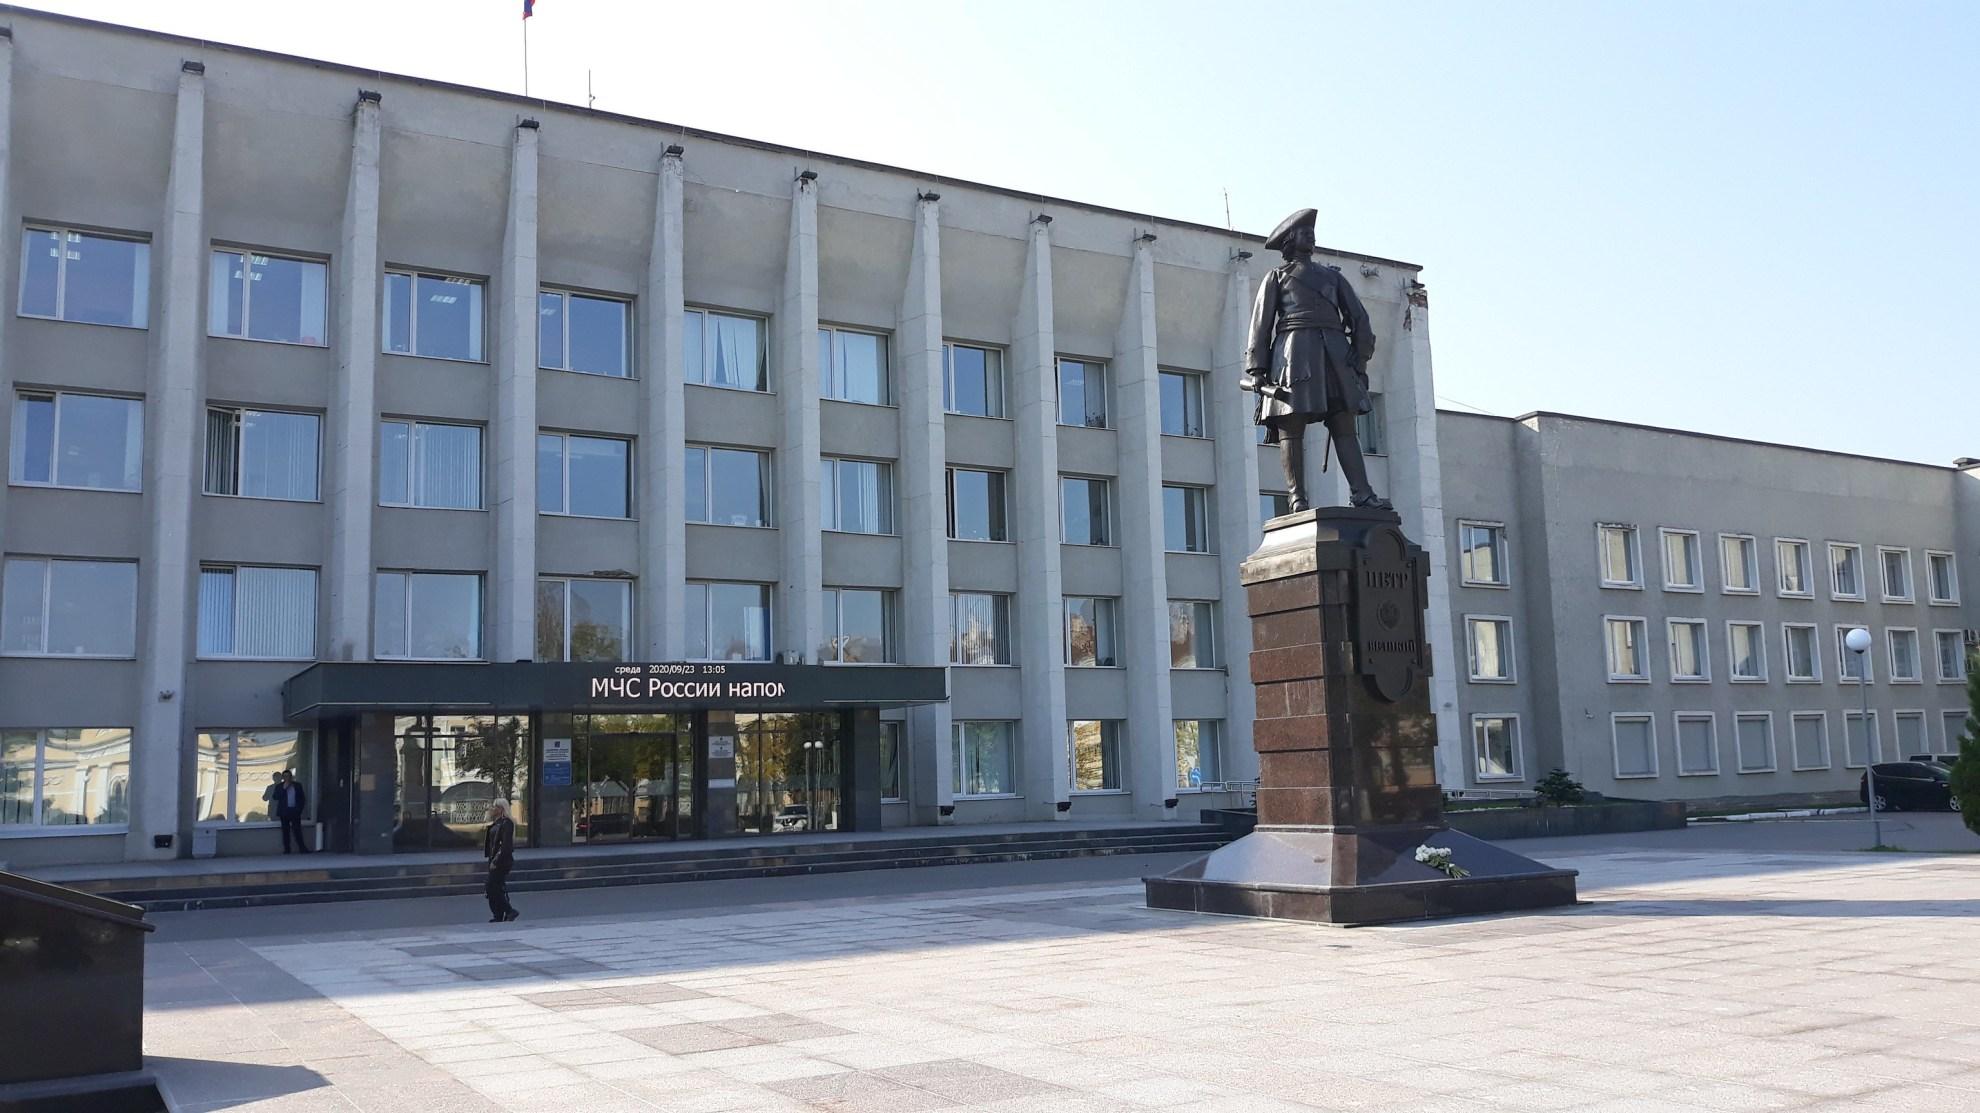 Пётр Великий на фоне здания администрации Кингисеппского района